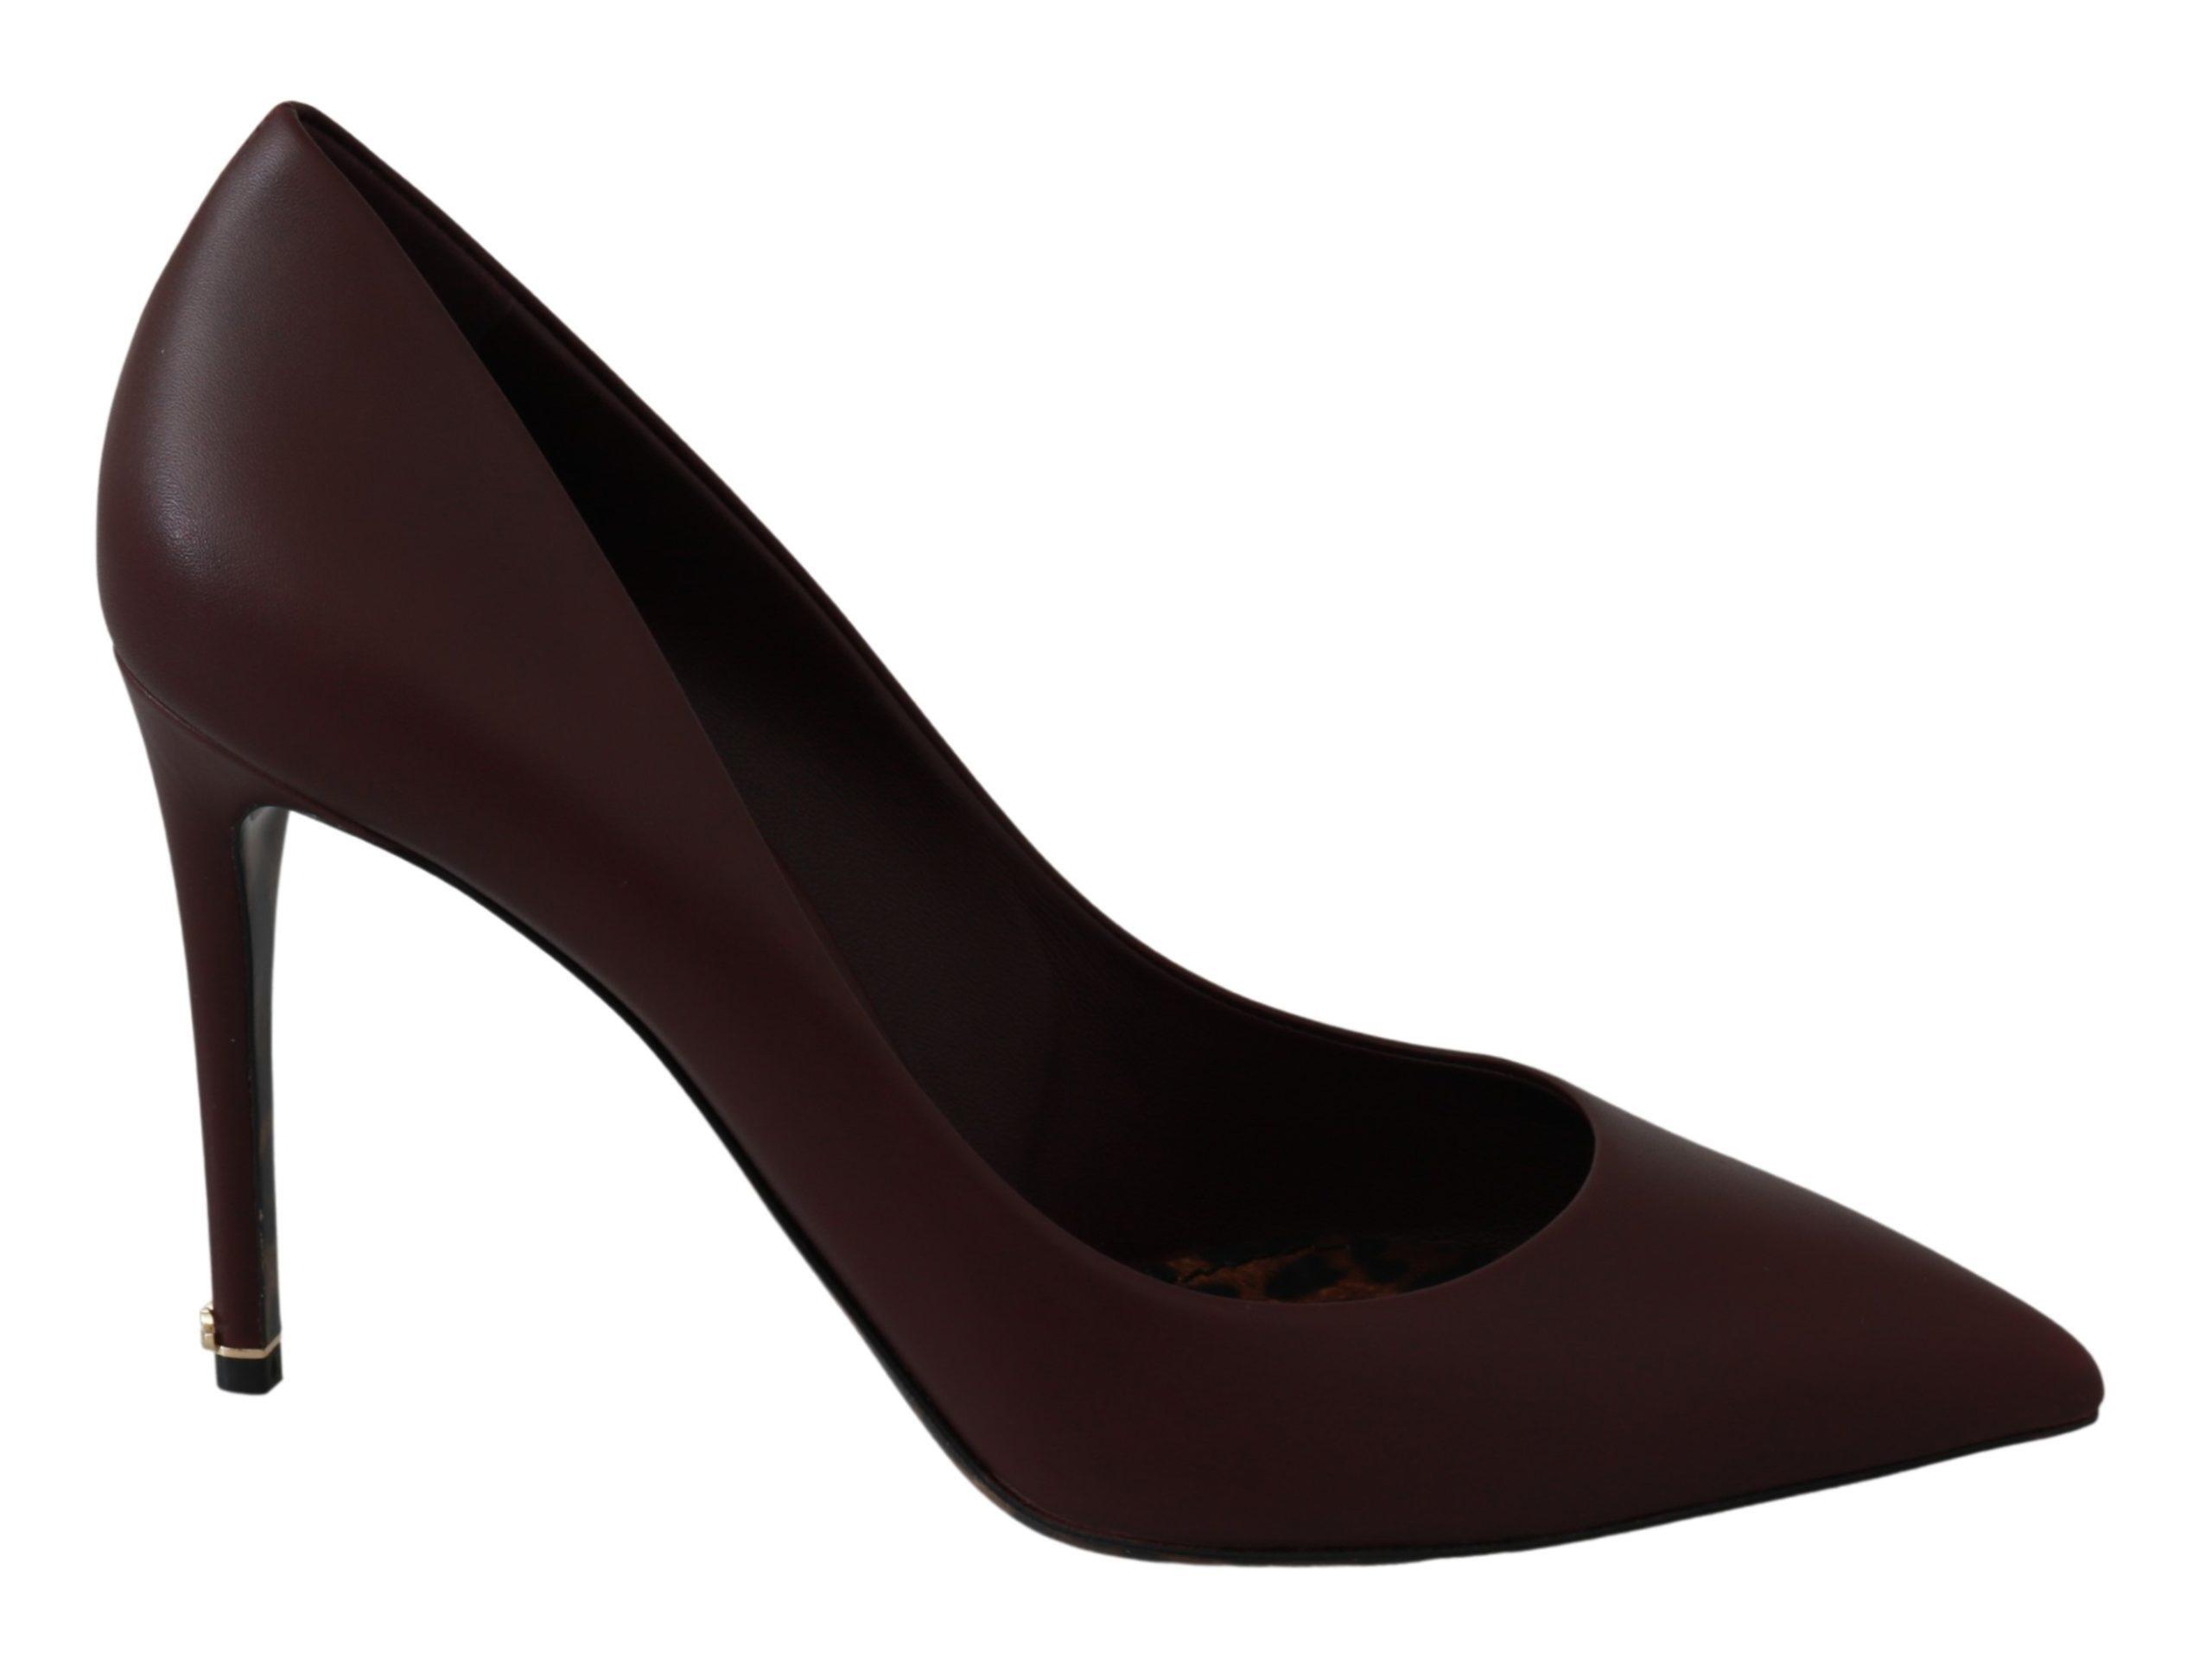 Dolce & Gabbana Women's Patent Leather Heels Pumps Shoes Brown LA6478 - EU35.5/US5